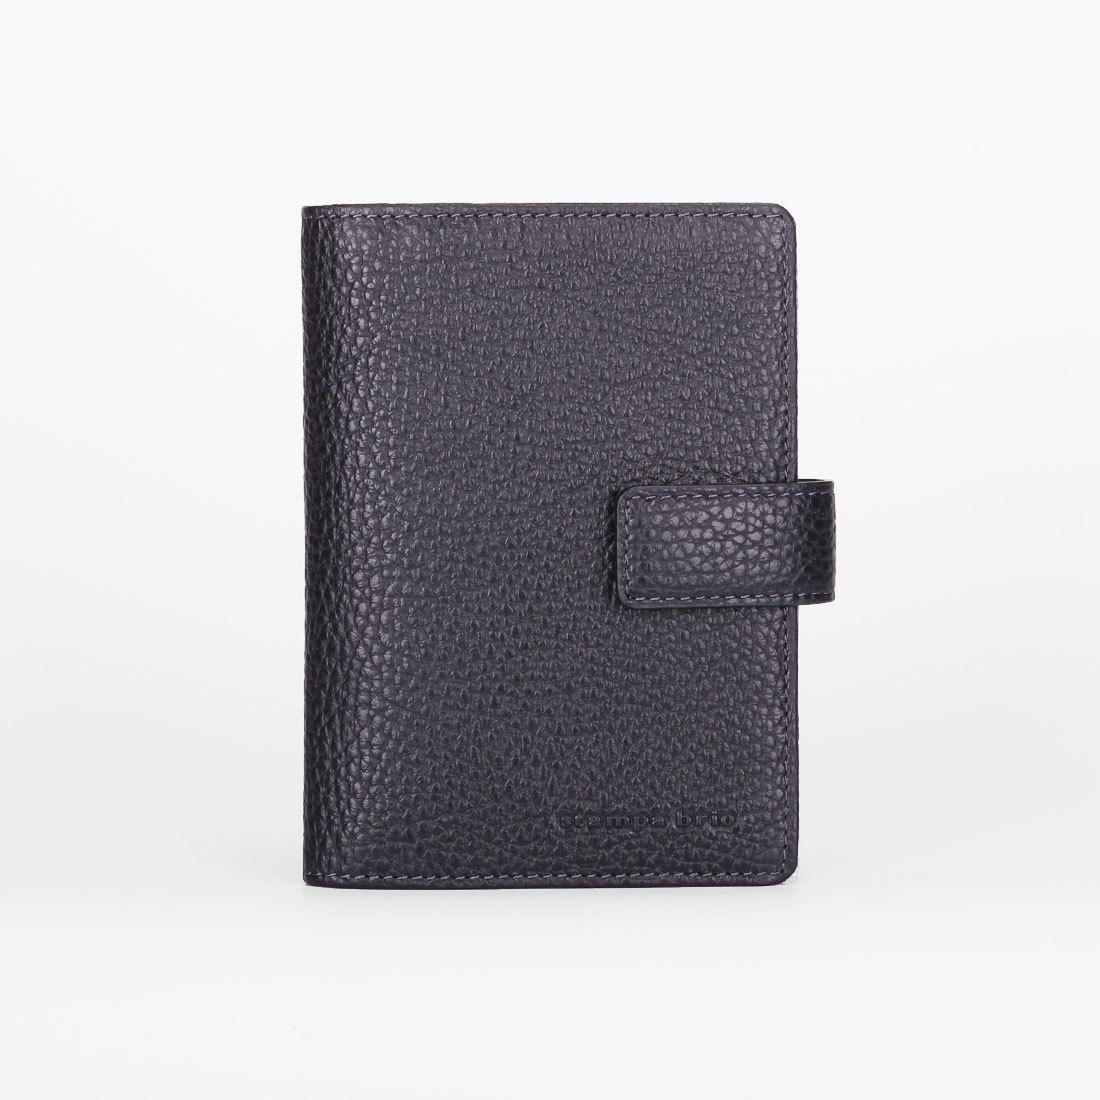 214 R - Обложка для паспорта с RFID защитой